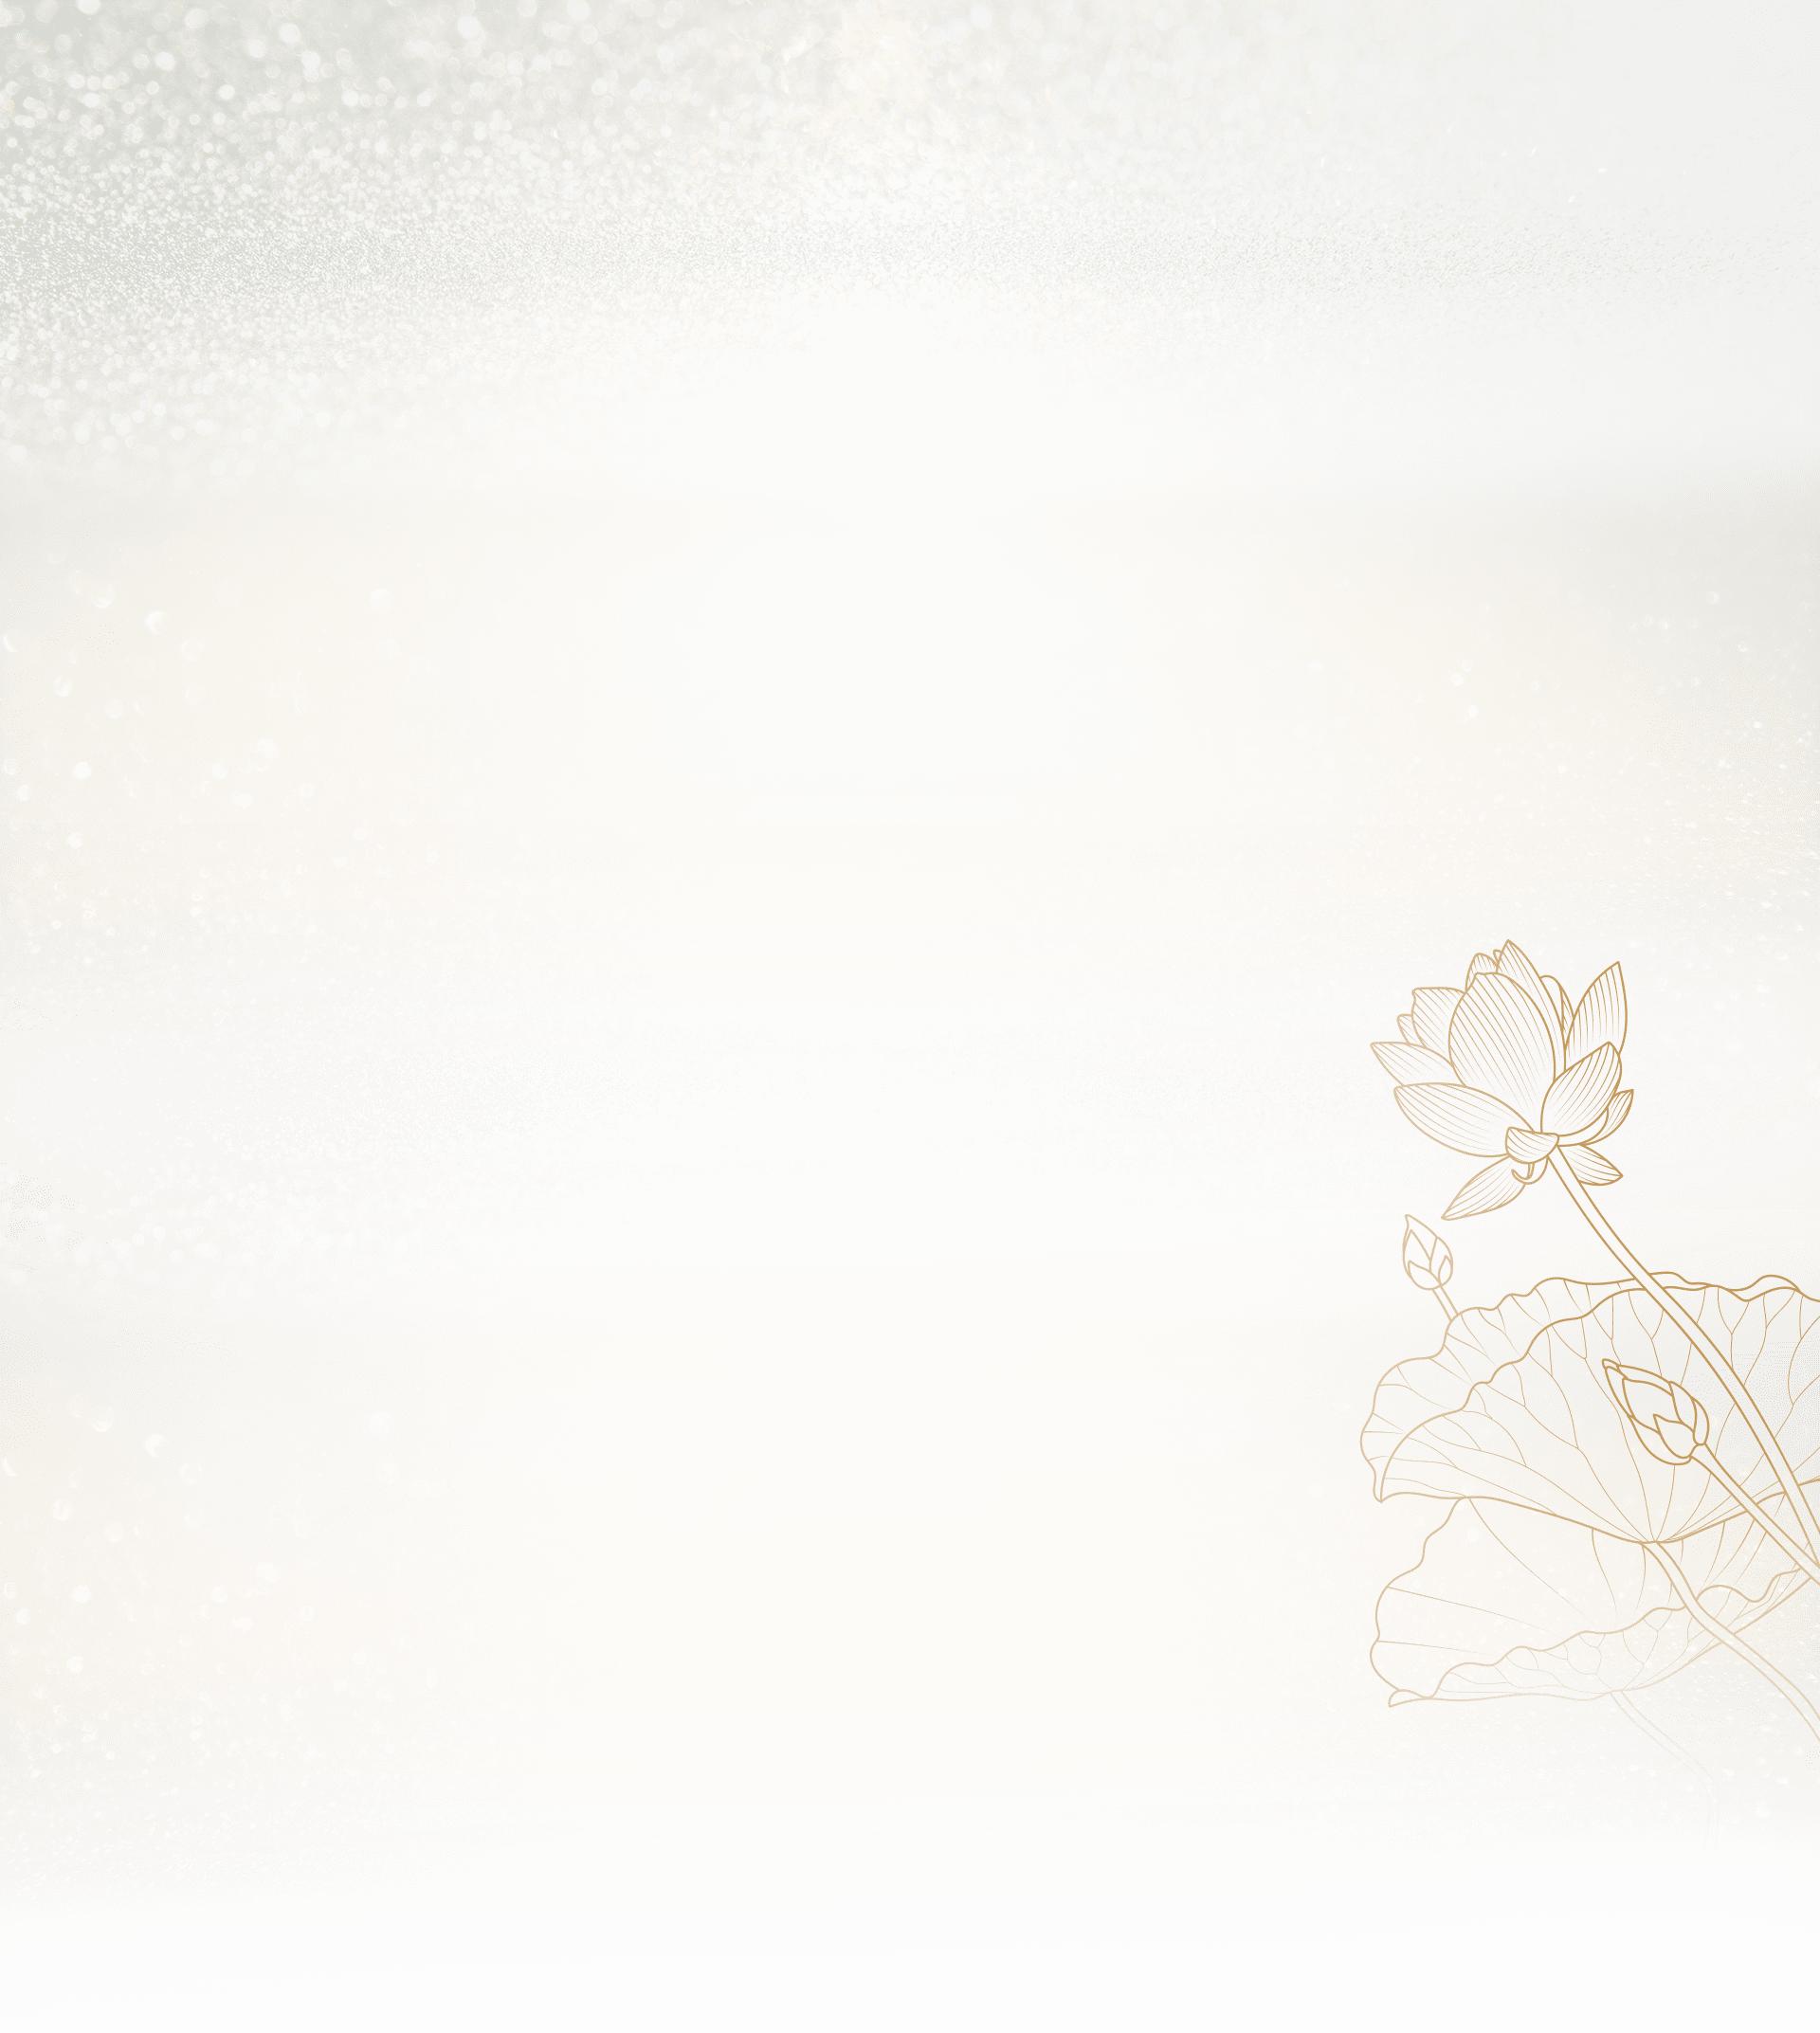 20 năm theo đuổi giấc mơ làm đũa sứ của Minh Long - Ảnh 6.